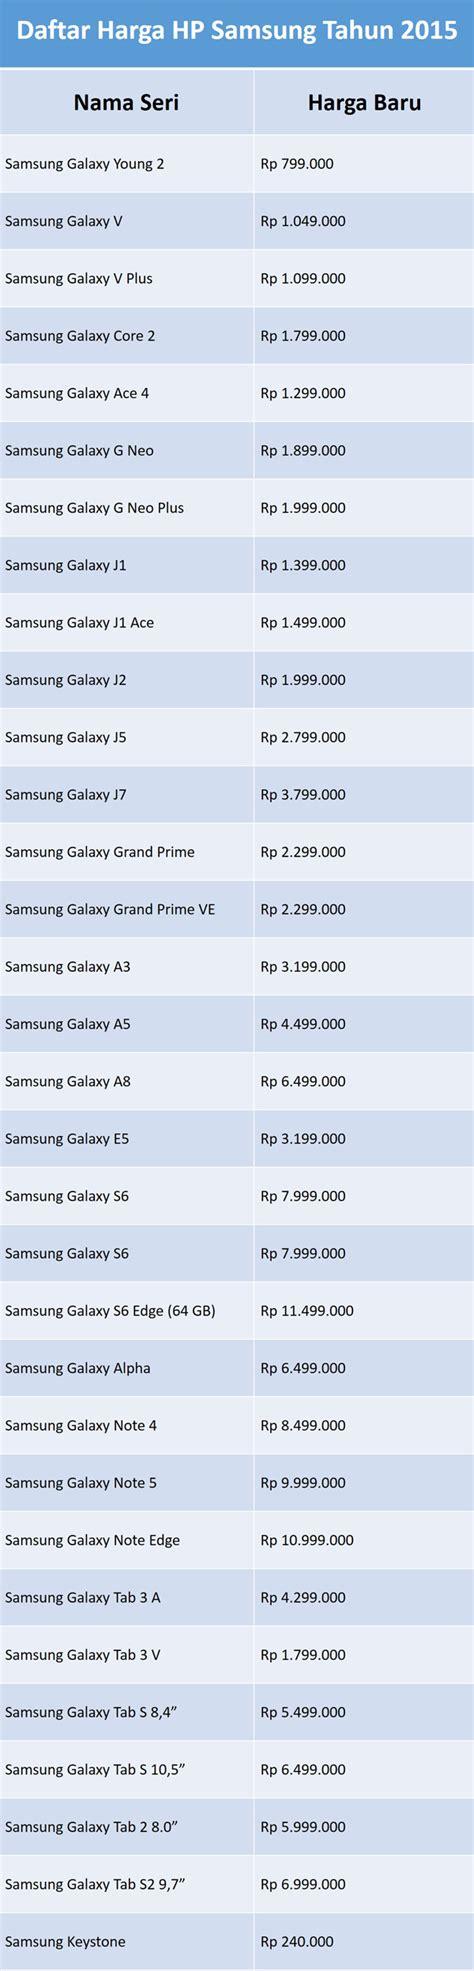 Harga Di Indonesia daftar harga hp samsung tahun 2015 di indonesia gadgetren